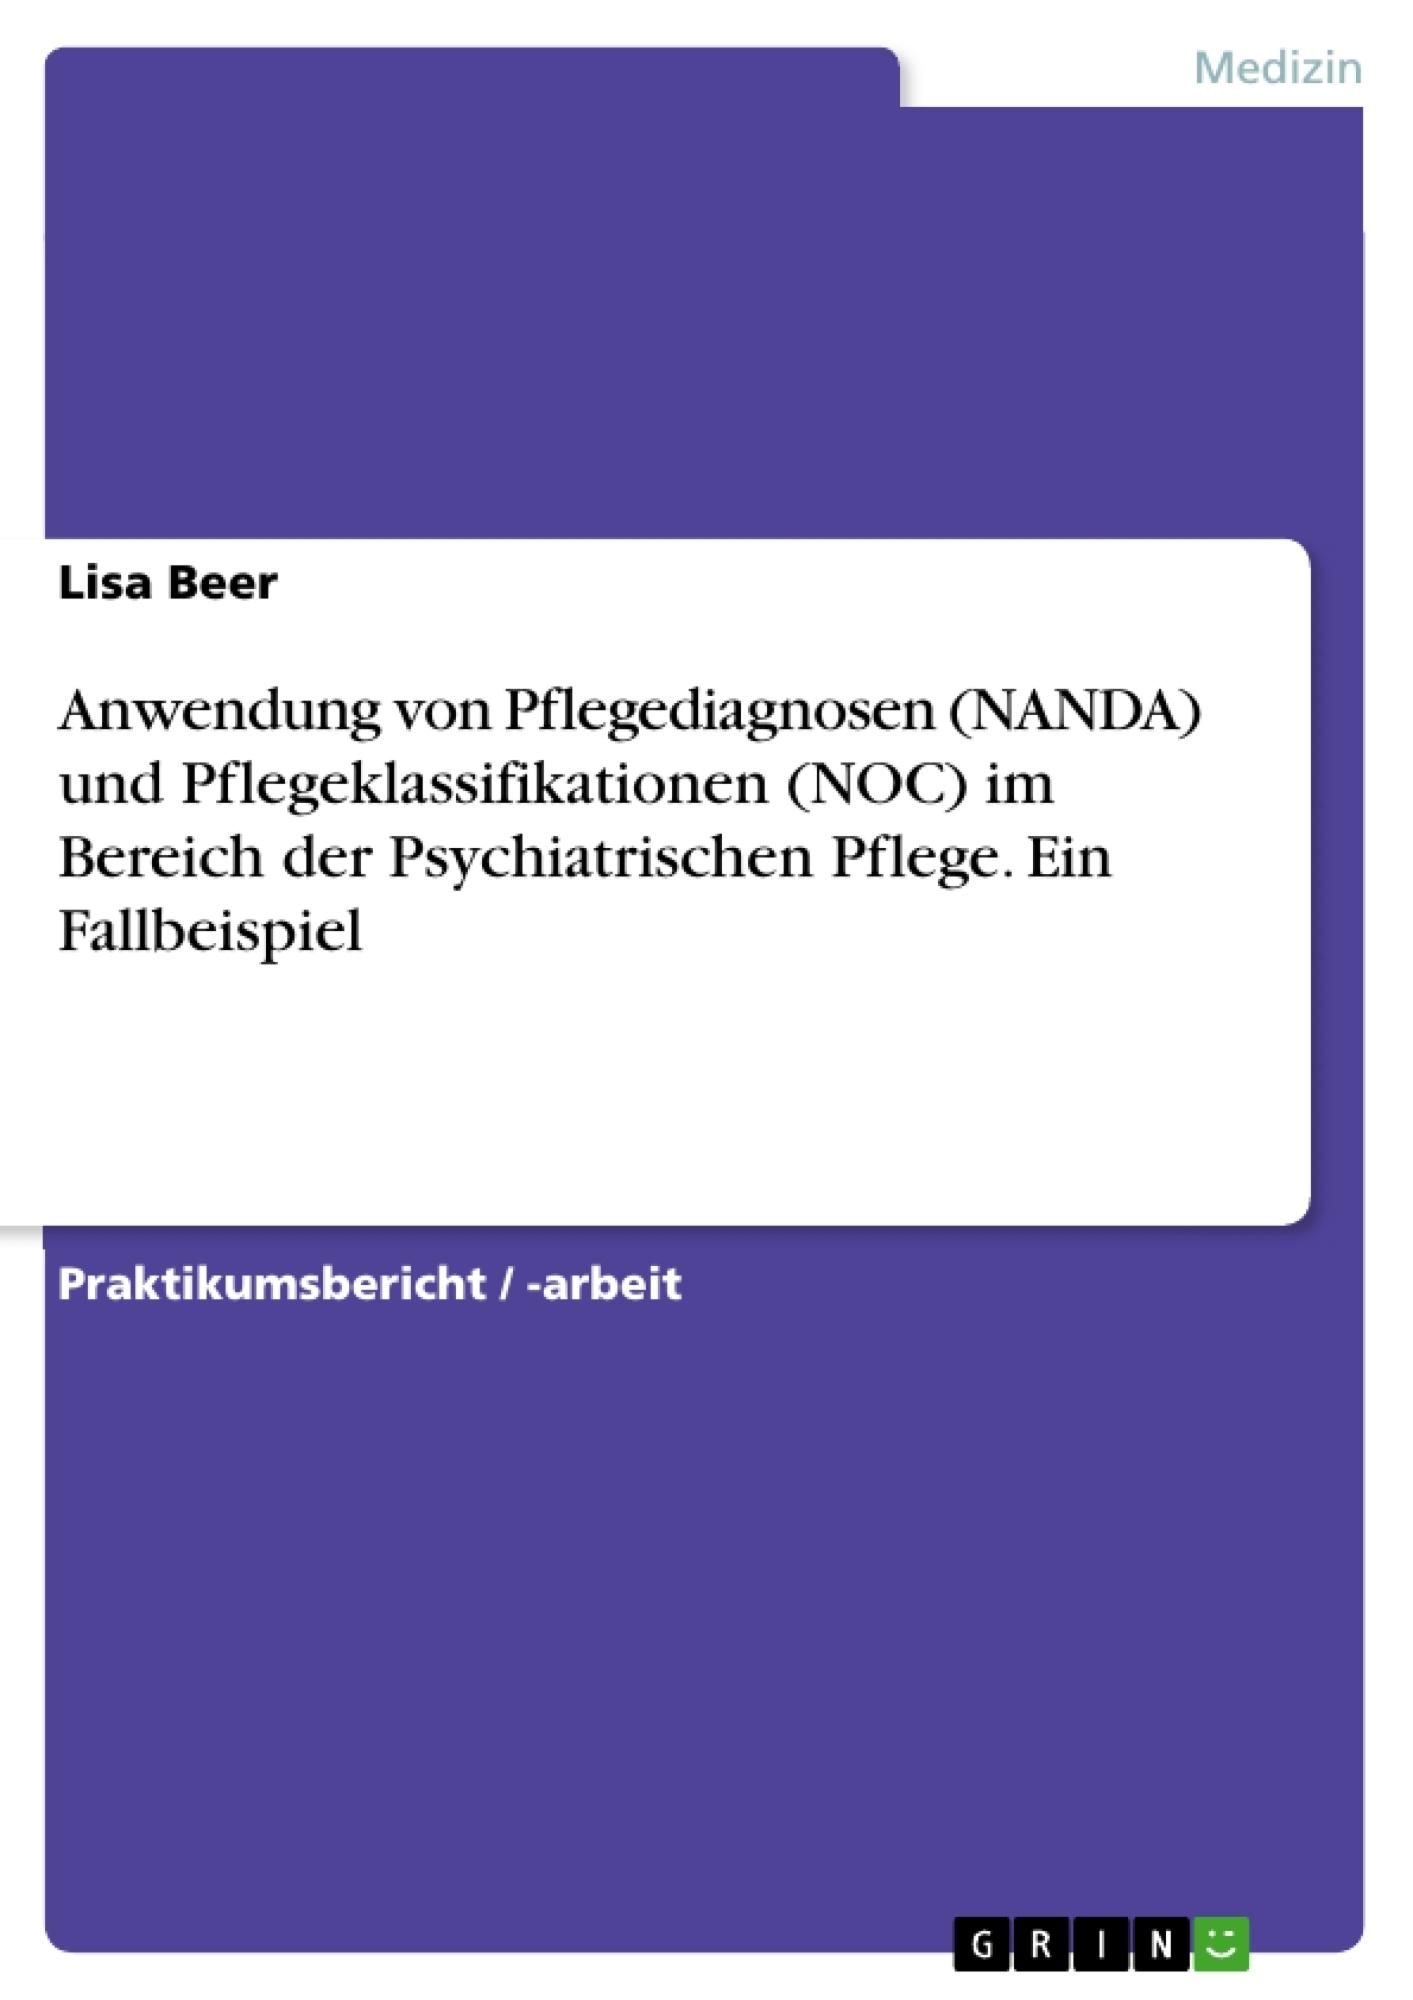 Titel: Anwendung von Pflegediagnosen (NANDA) und Pflegeklassifikationen (NOC) im Bereich der Psychiatrischen Pflege. Ein Fallbeispiel